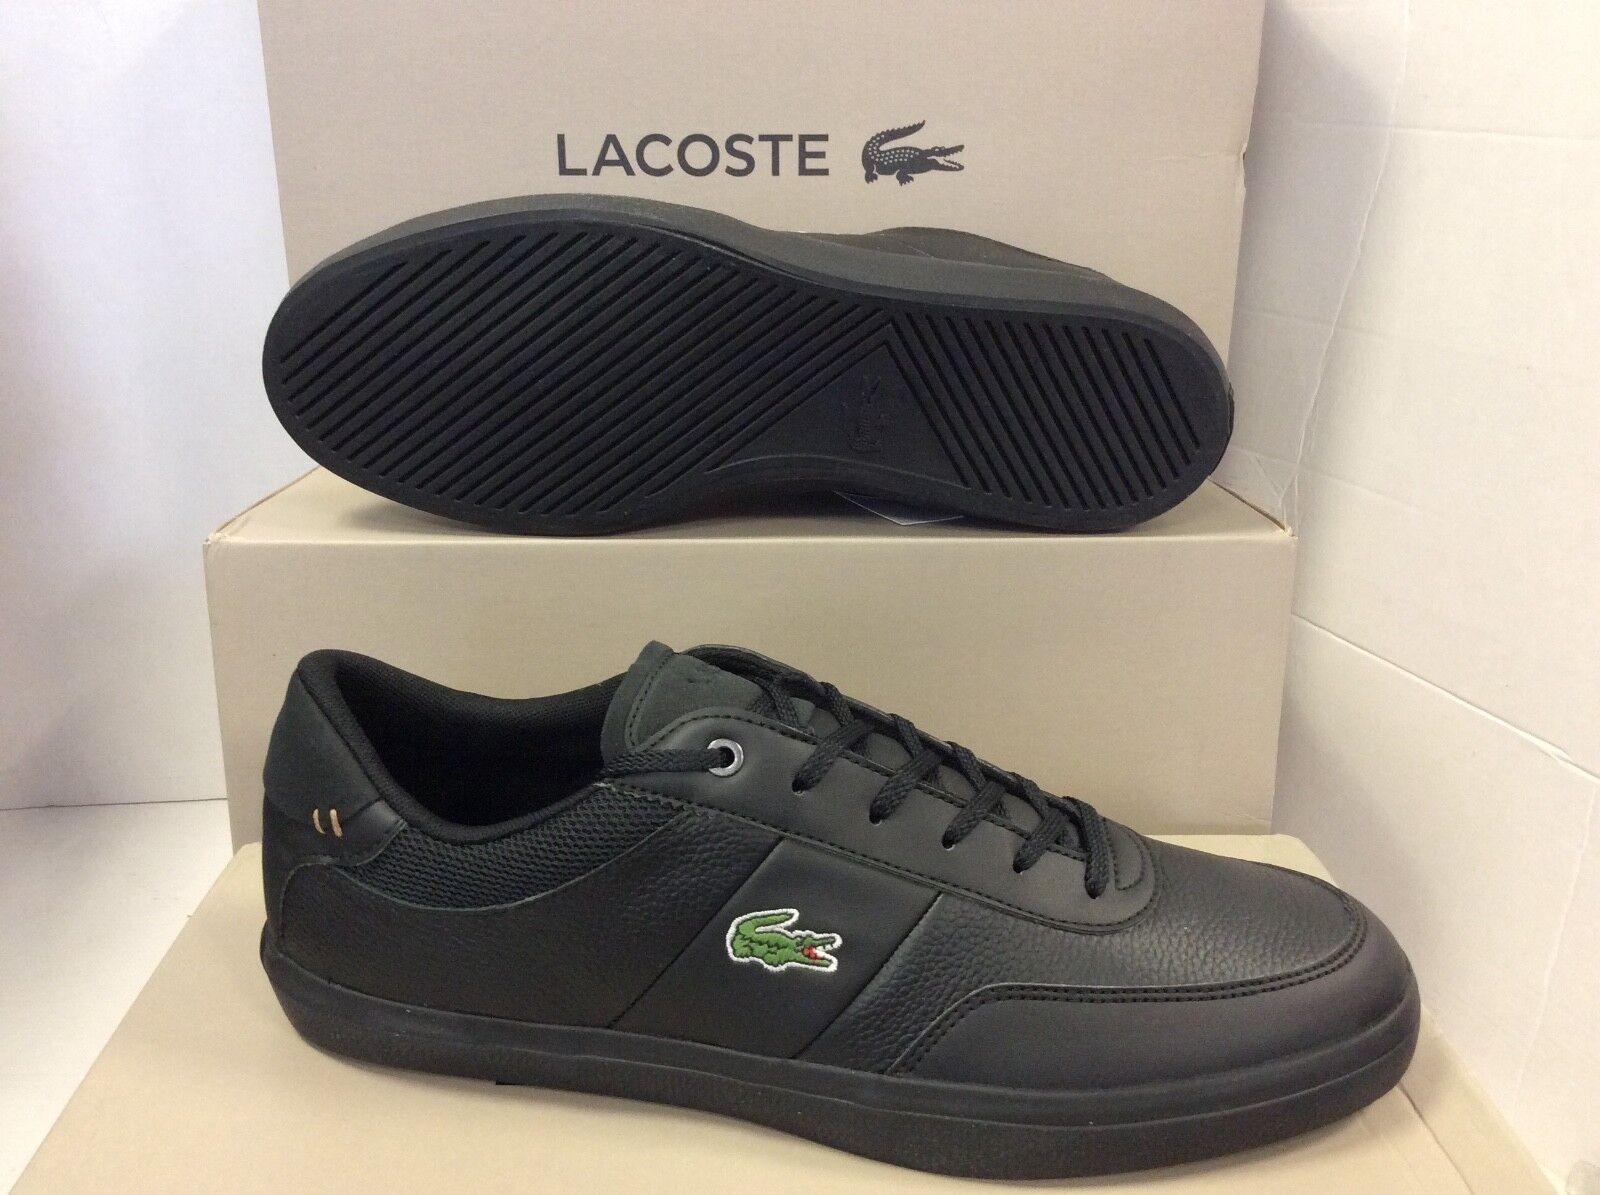 Lacoste Court-Master Para Hombre Zapatillas Zapatillas, Talla UK 7 EU 40.5 USA 8